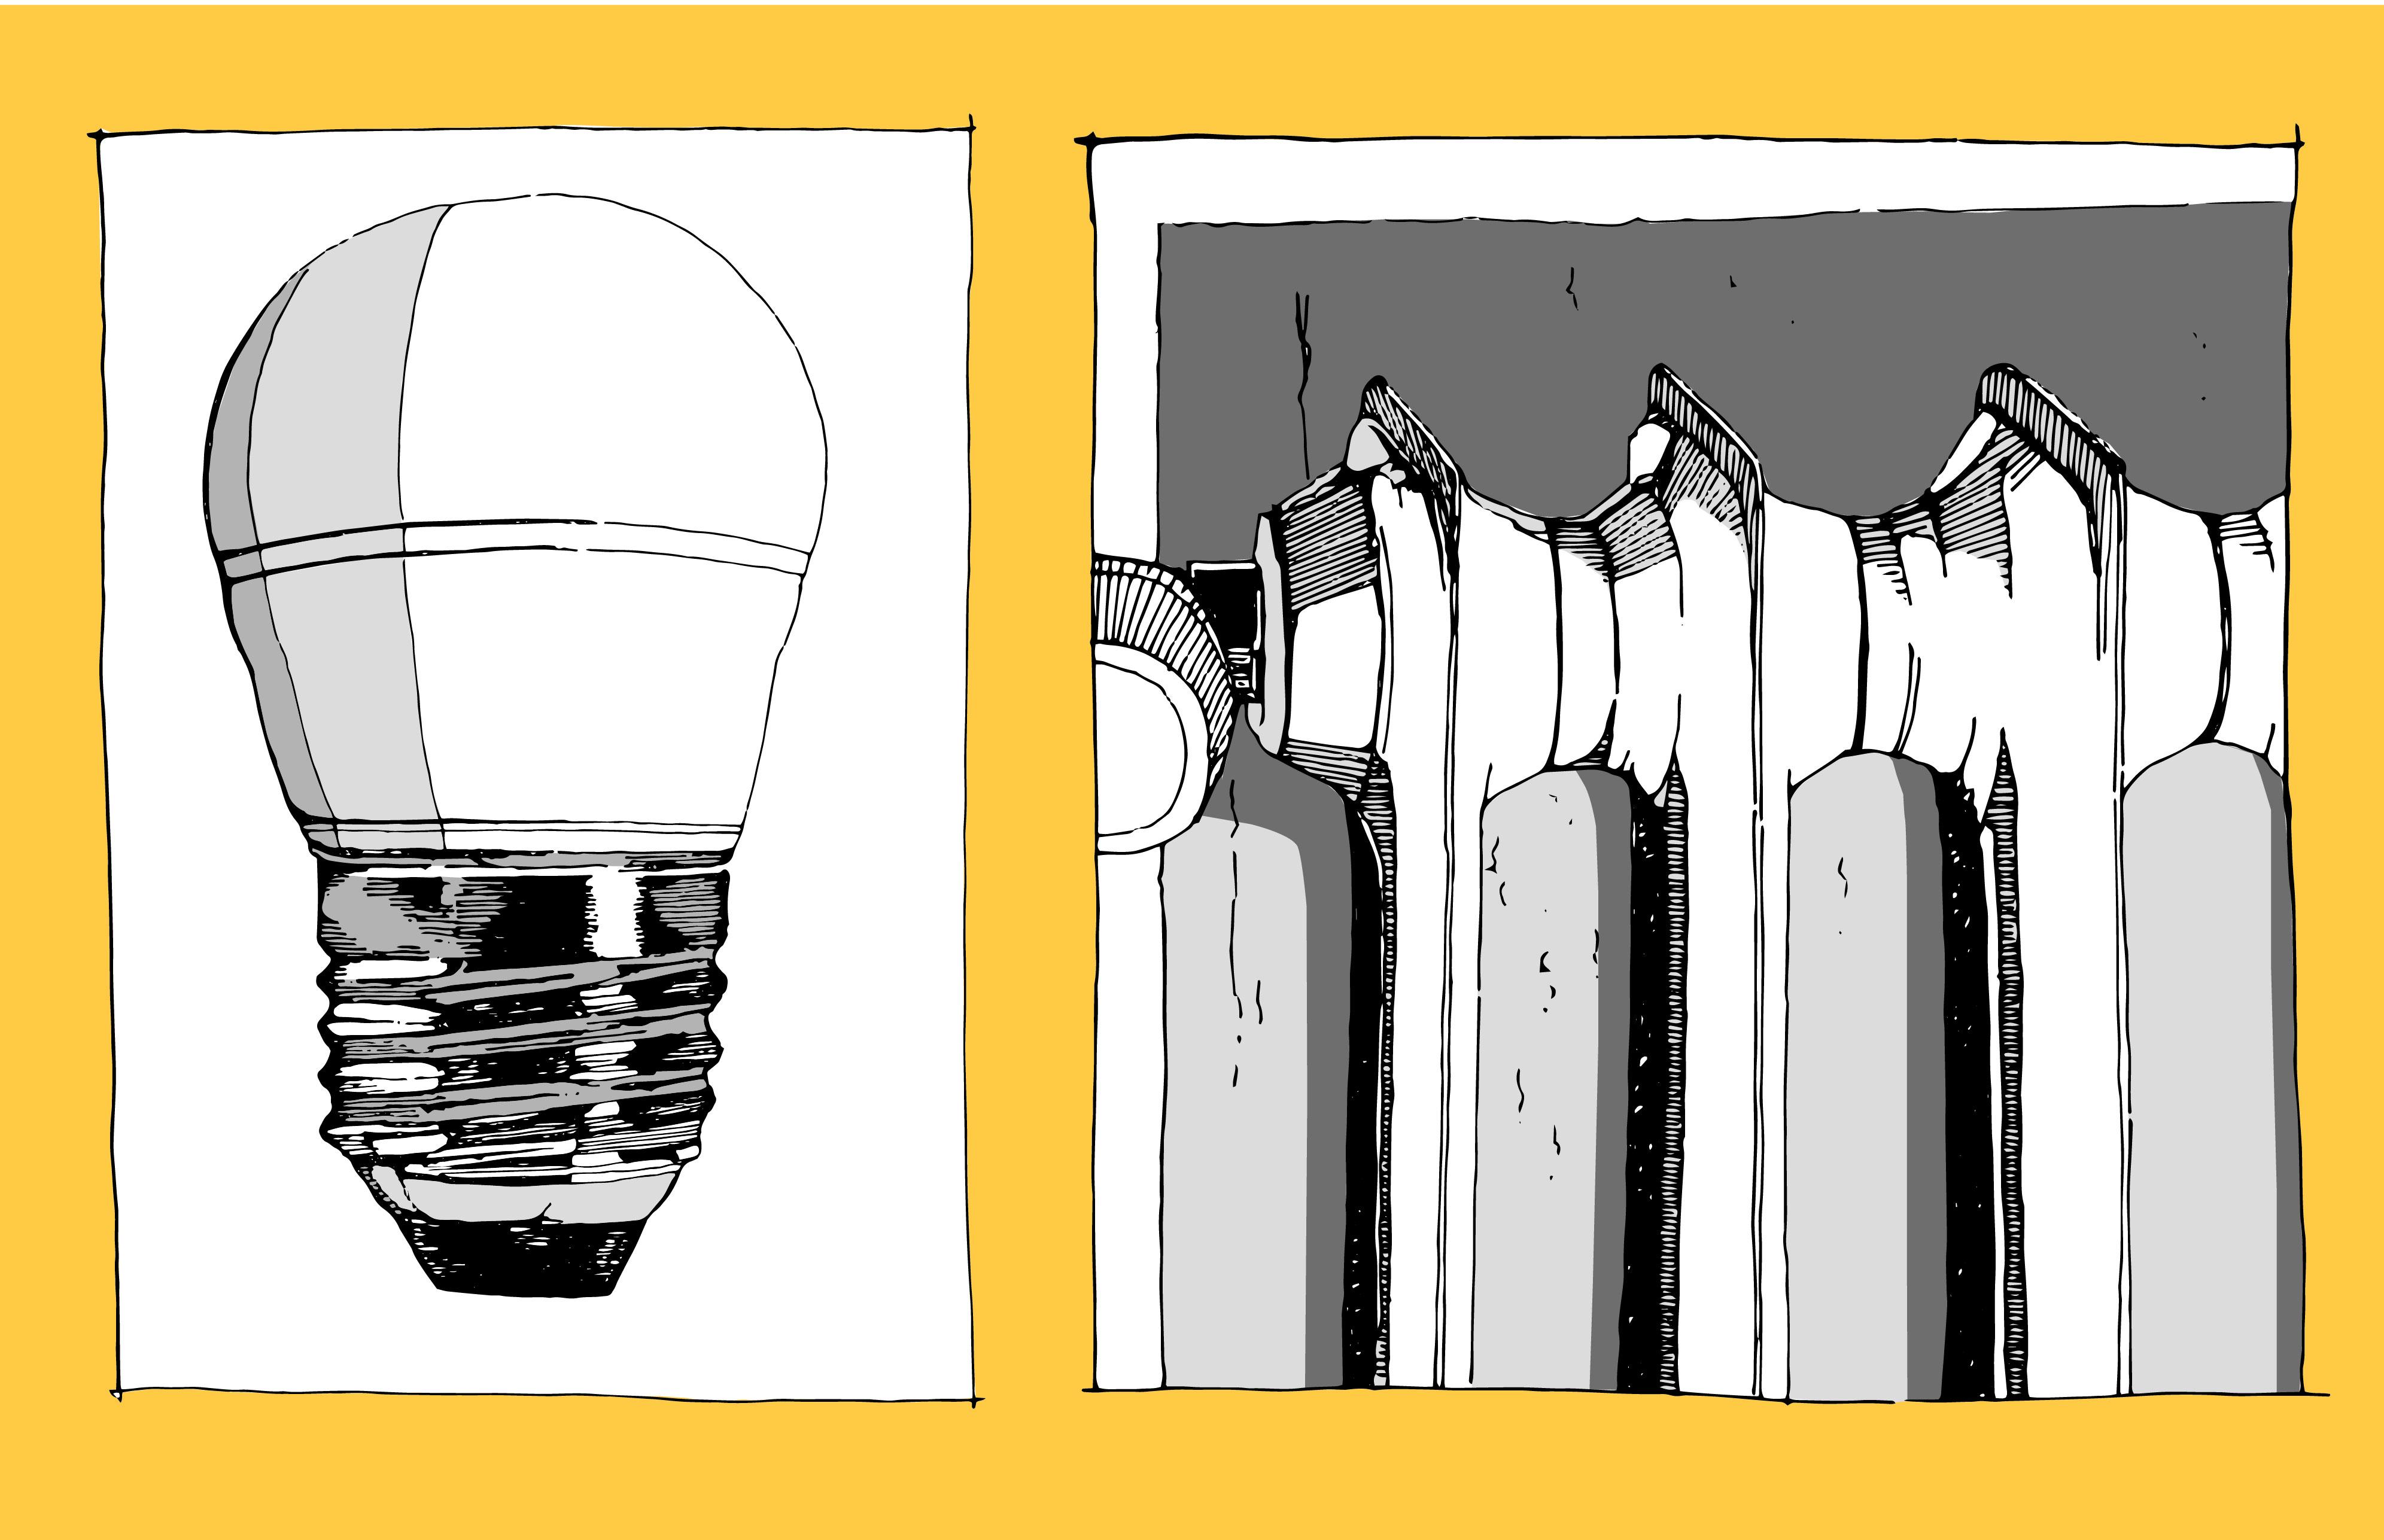 Regeling Reductie Energiegebruik